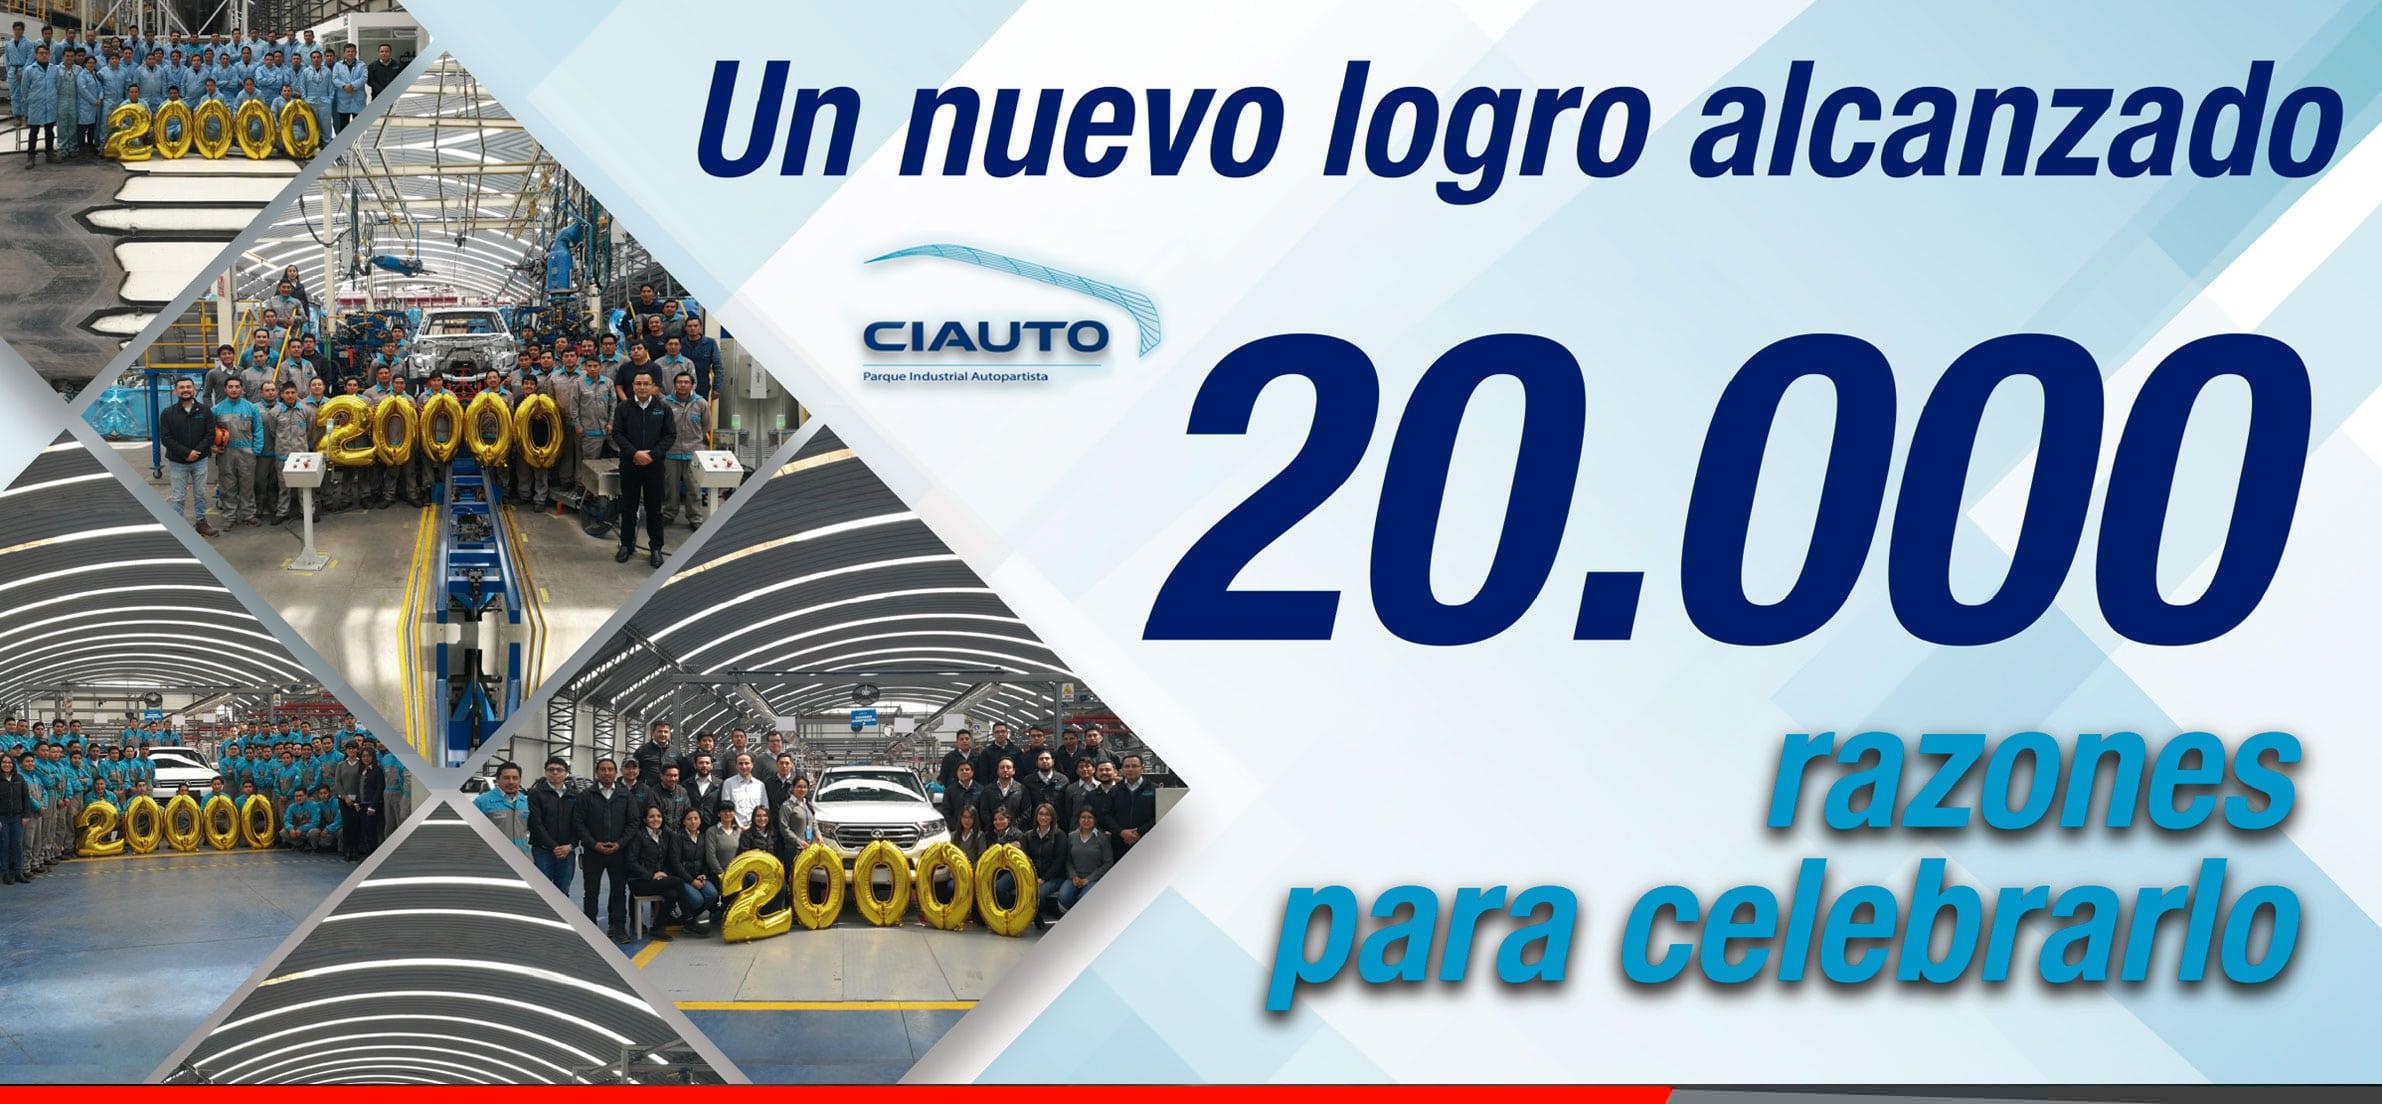 20000 carros ensamblados en CIAUTO